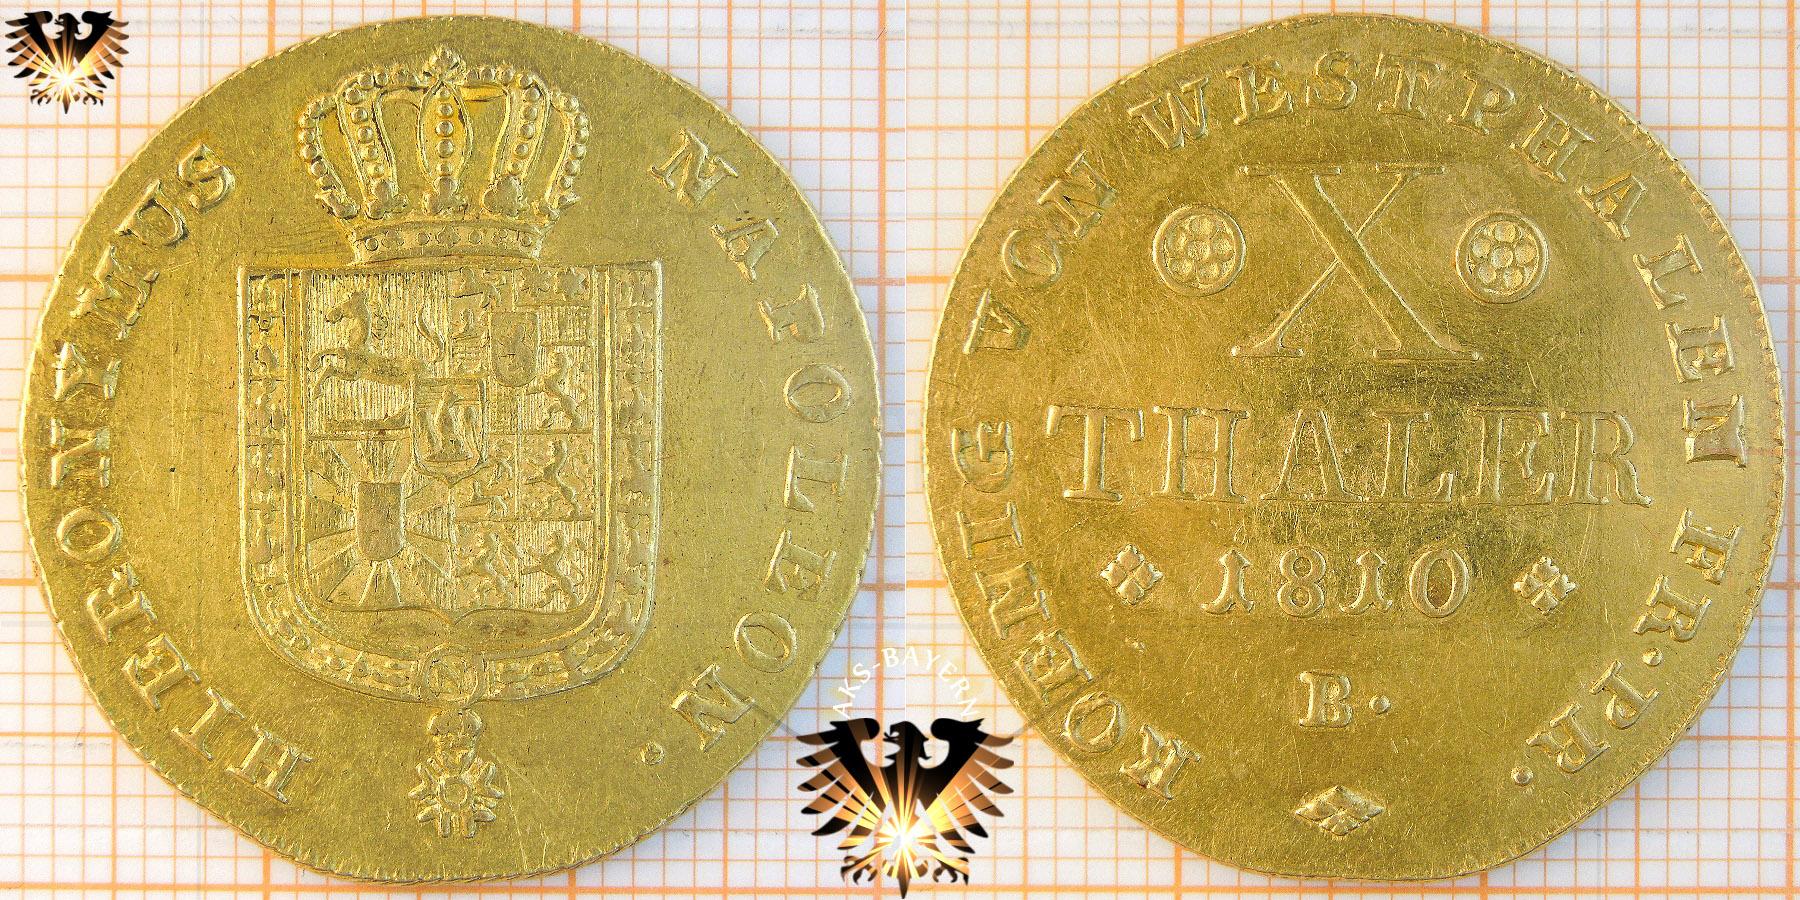 Bayern Taler 1778 Car Th Patrona Bavariae 1778 1783